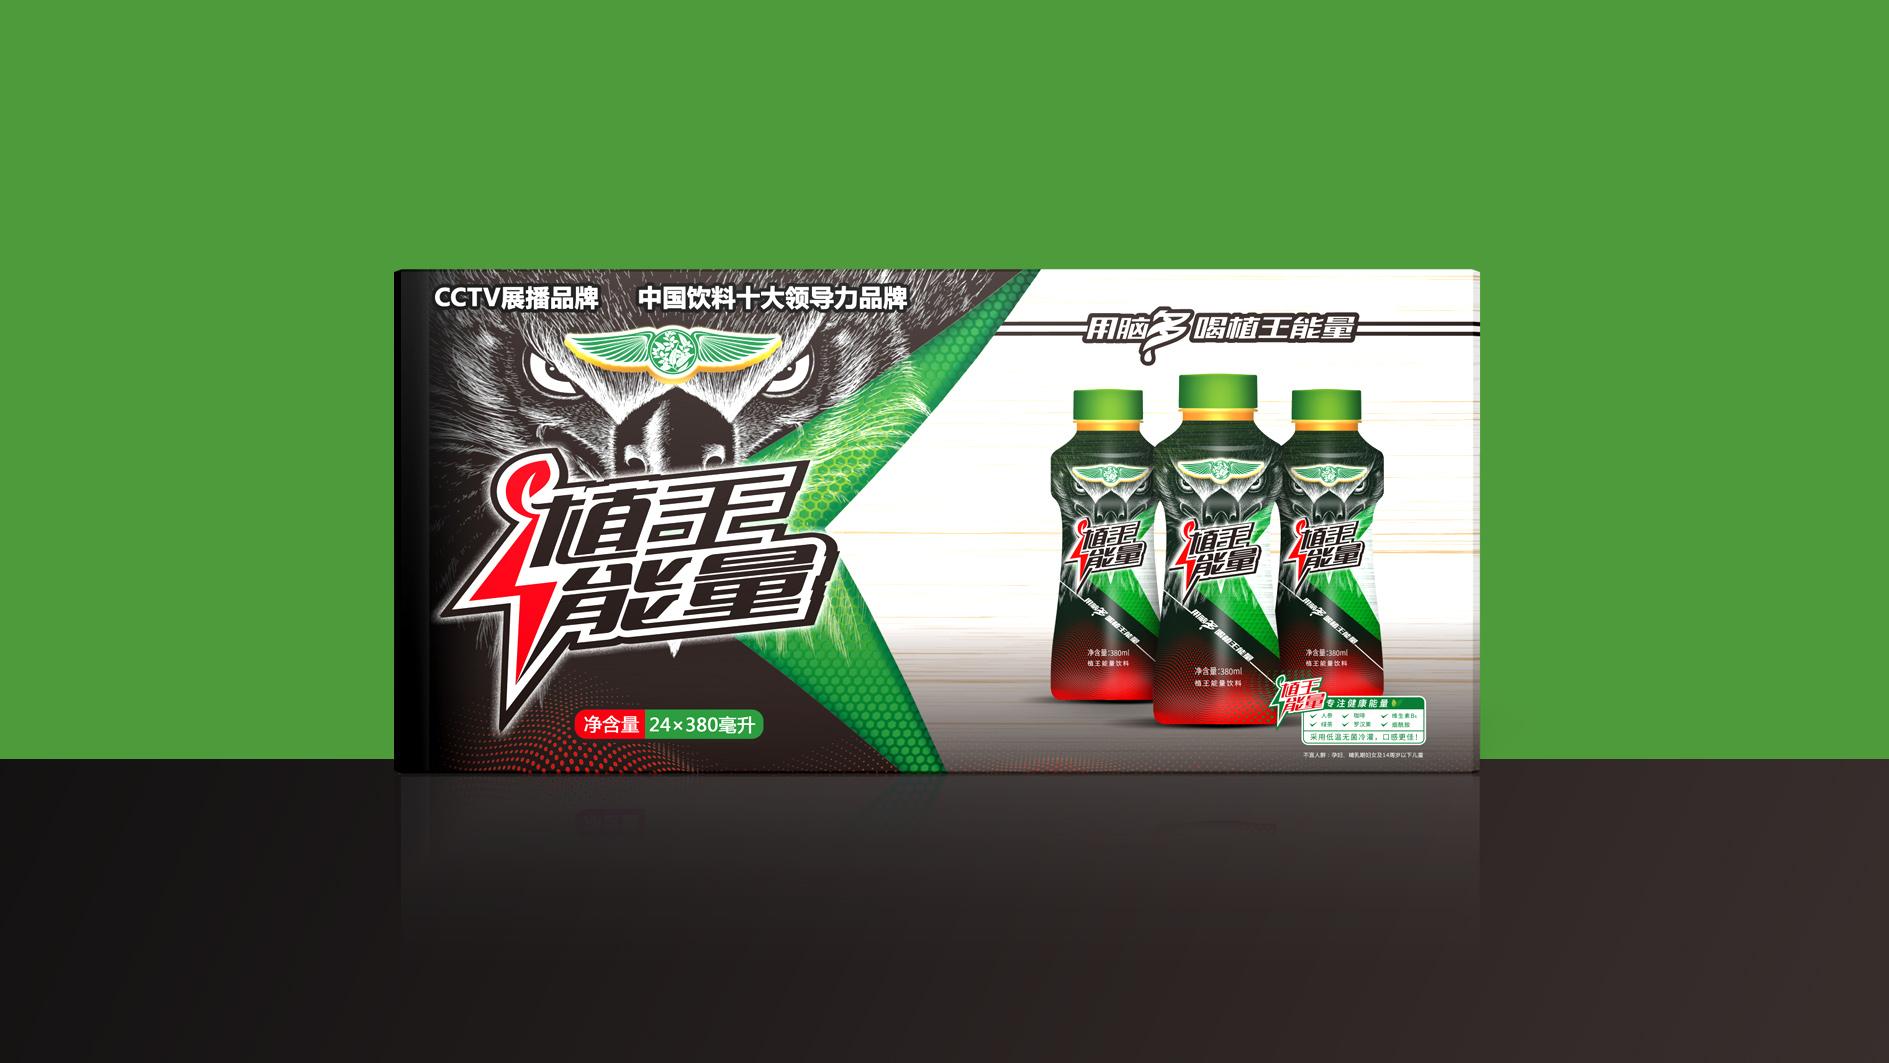 涡能特饮植物功能性饮品包装设计